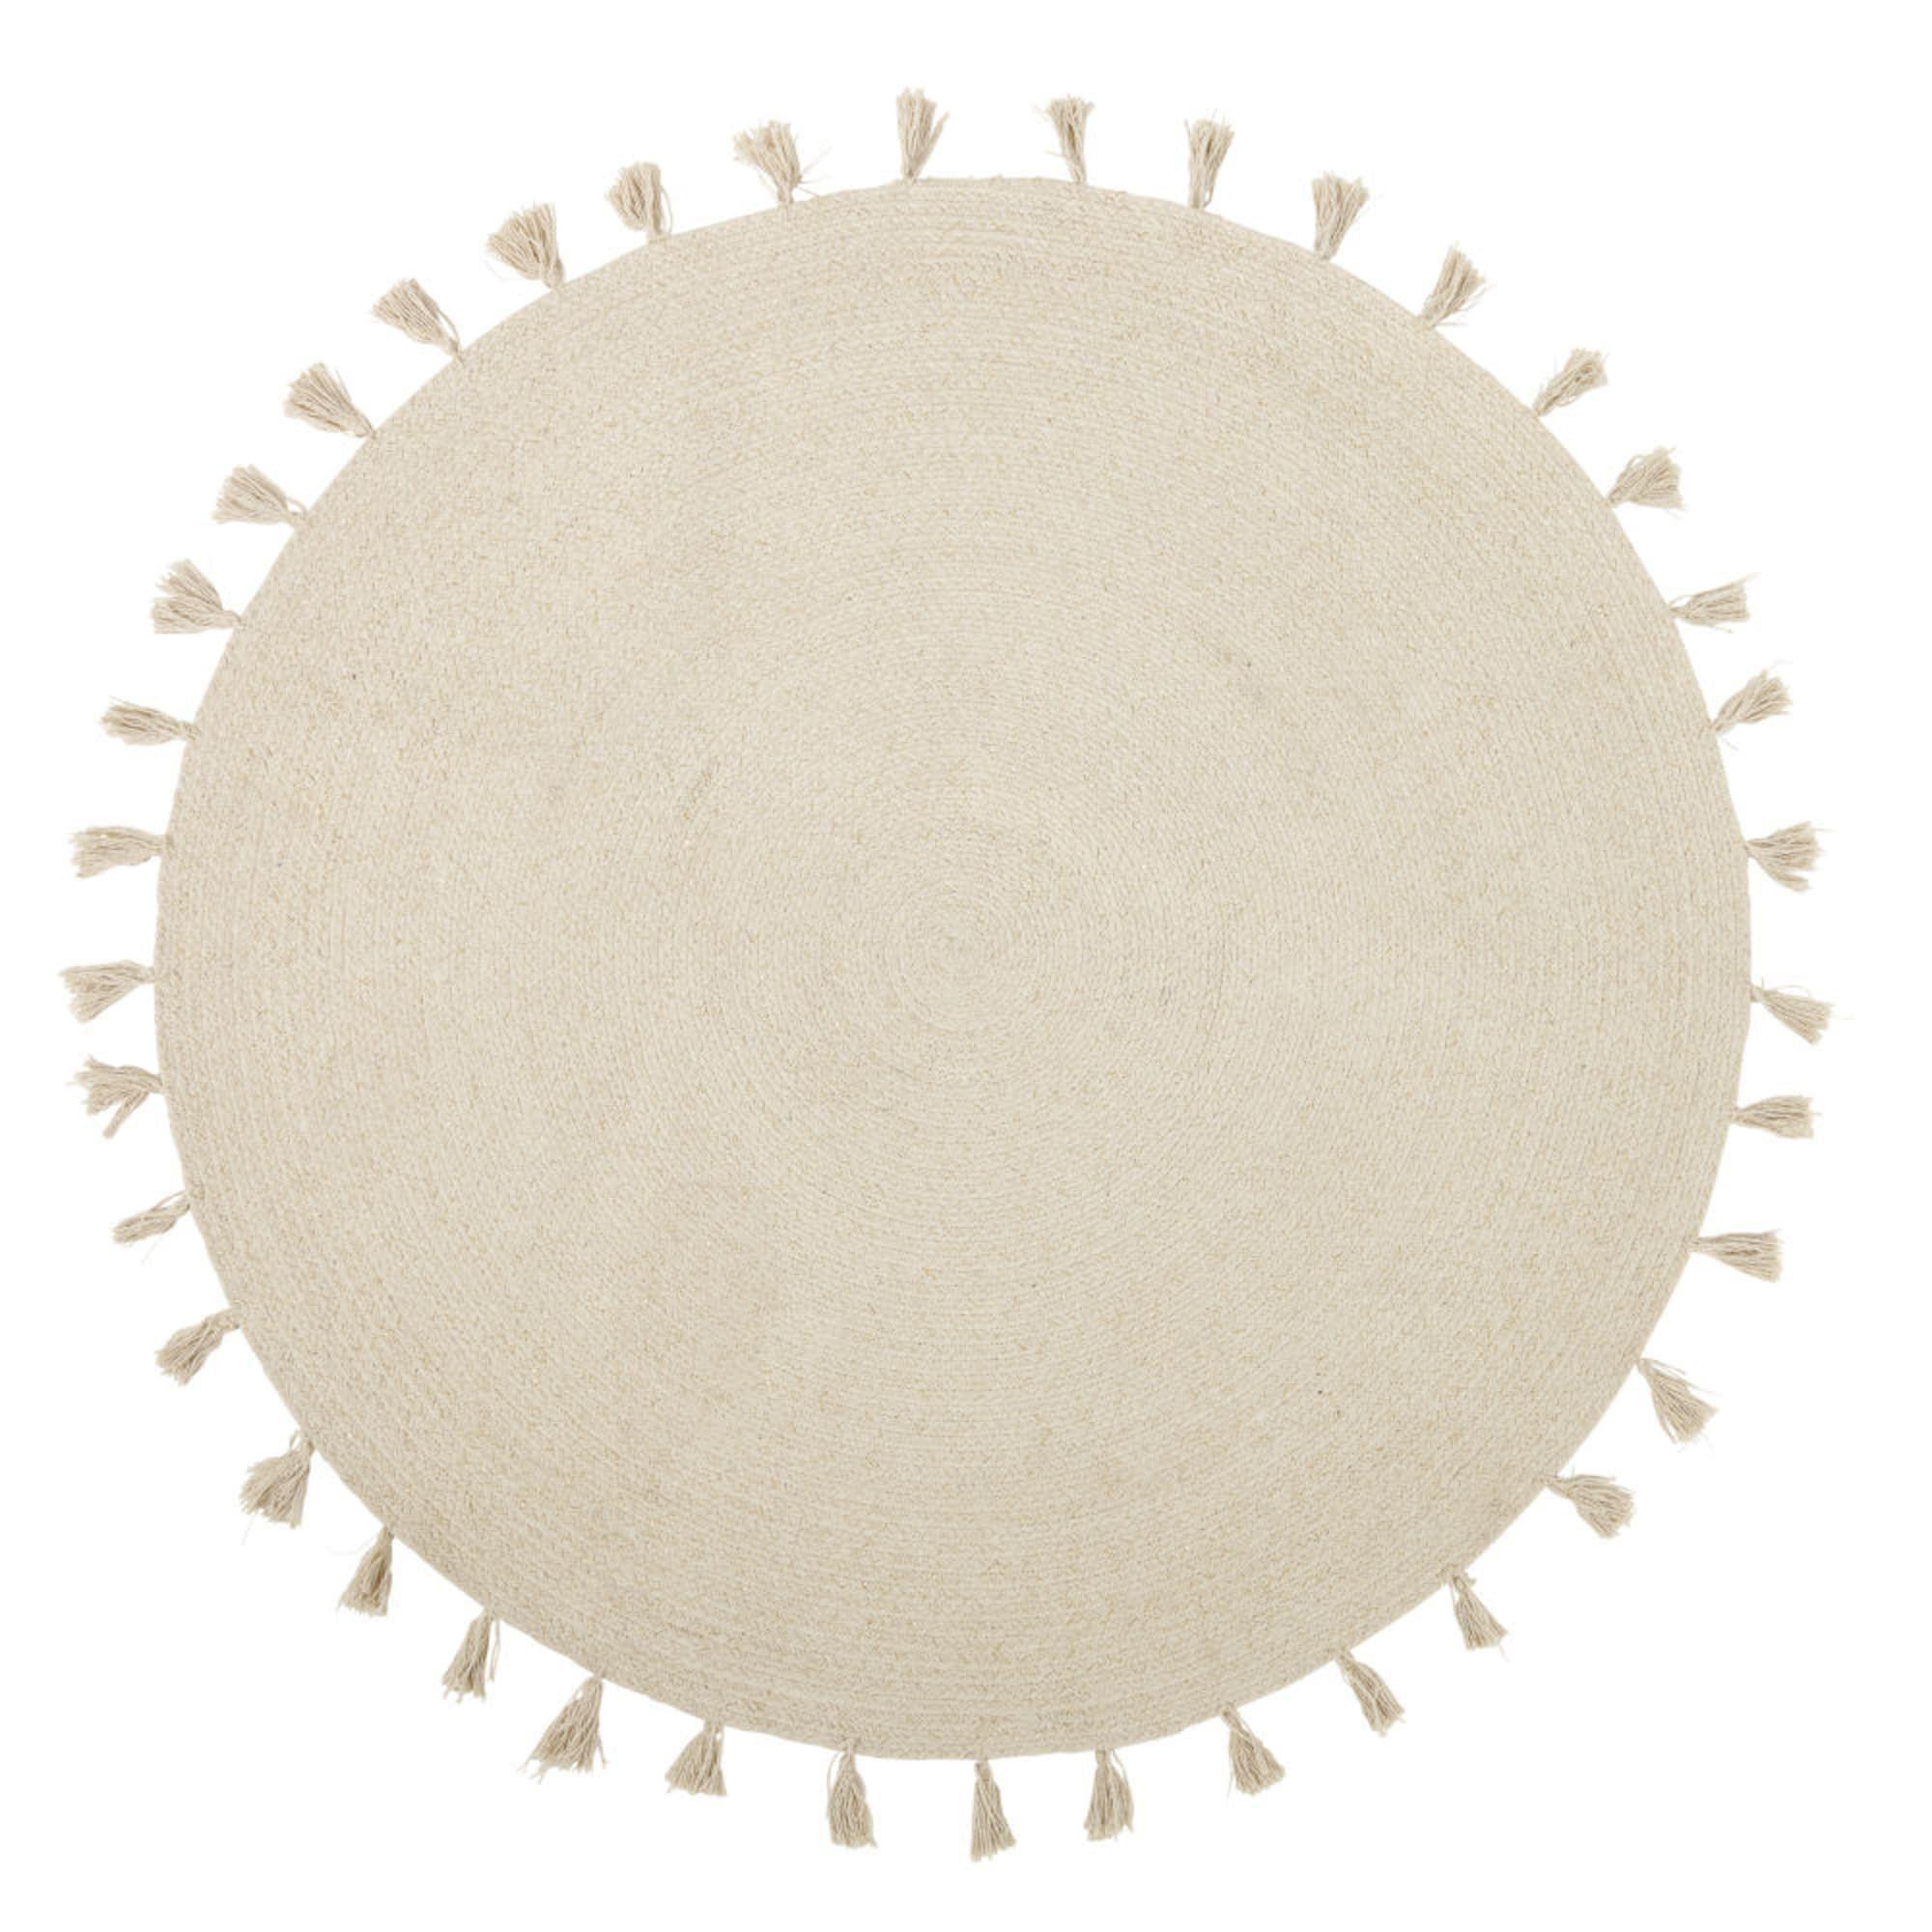 Round Ecru Braided Rug with Tassels D100 Decorative